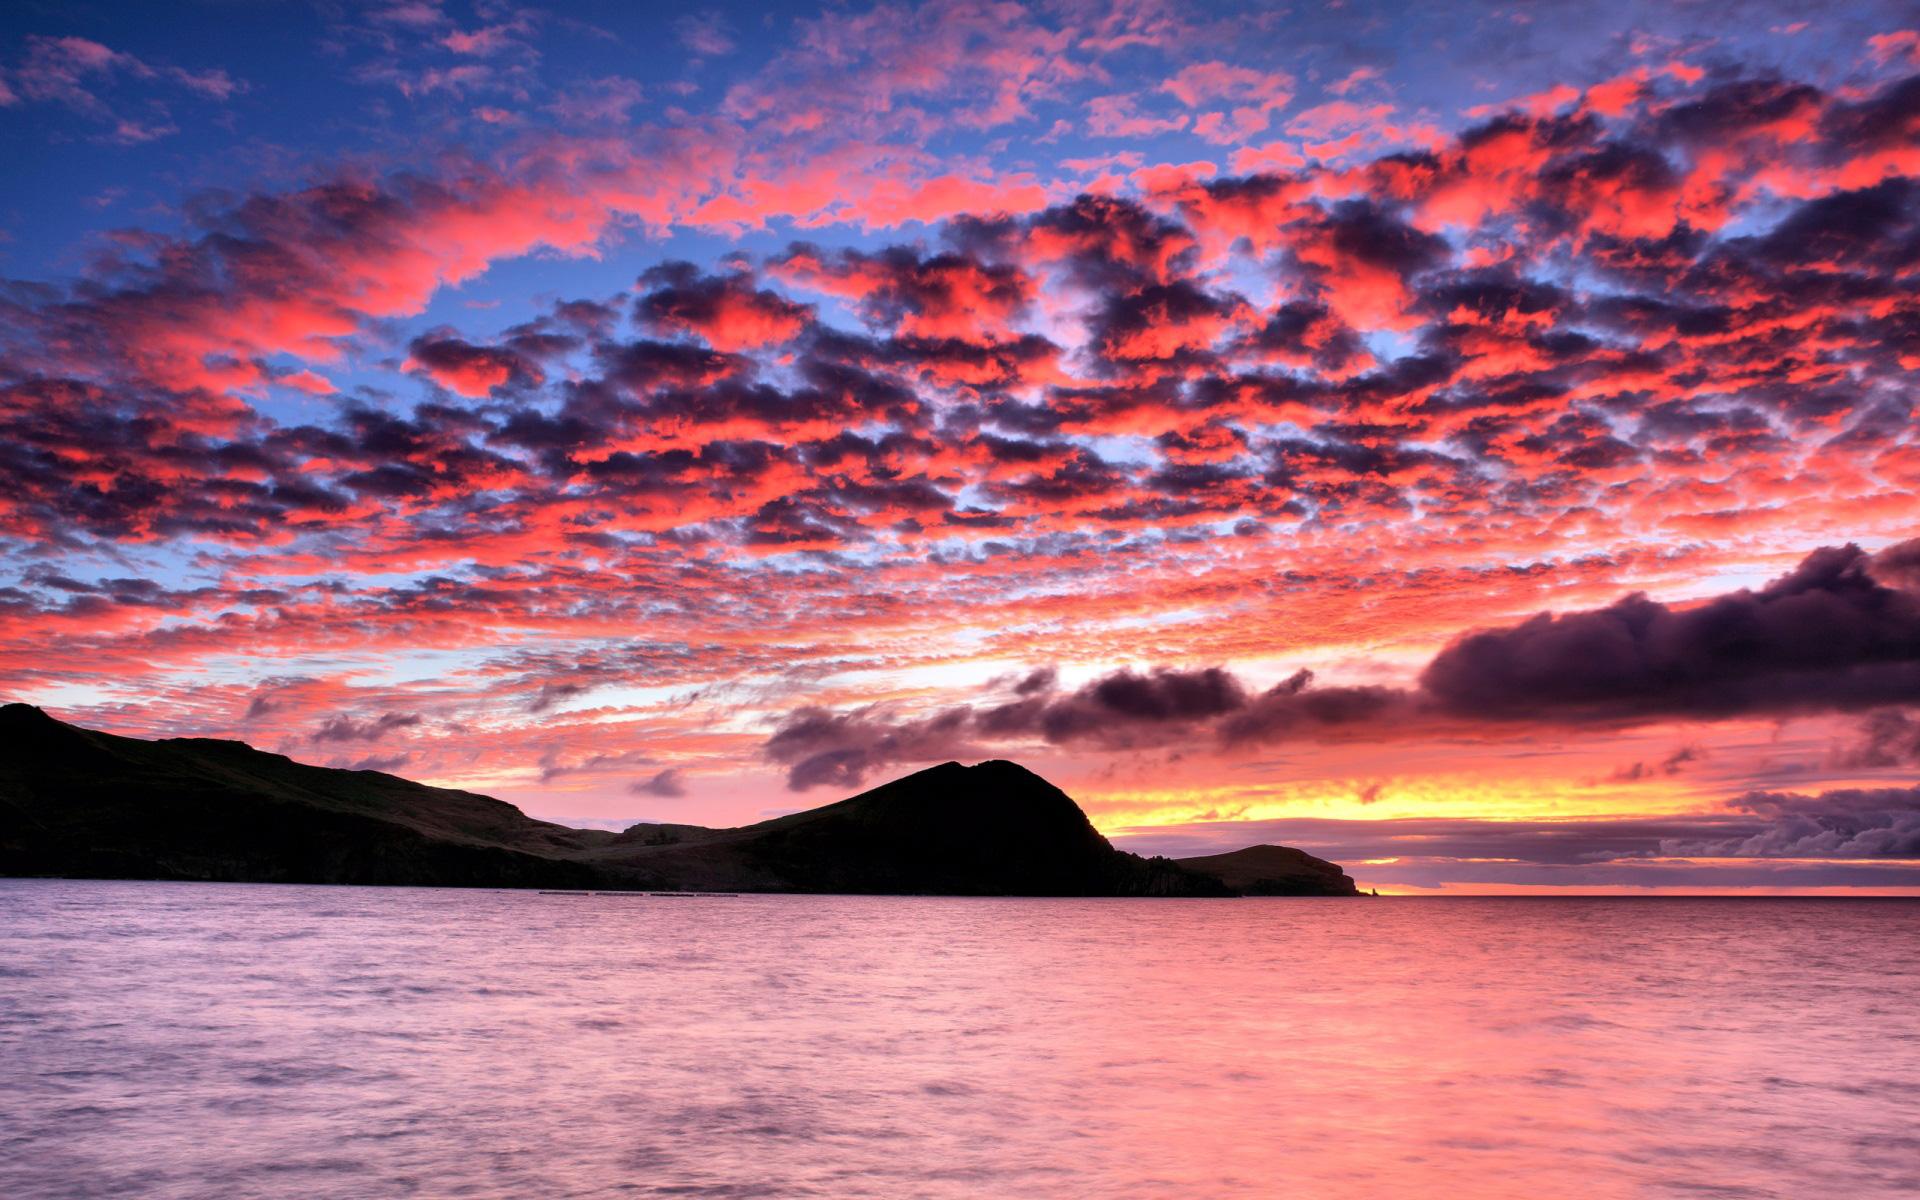 papers sunset pink beach beautiful wallpaper   ForWallpapercom 1920x1200